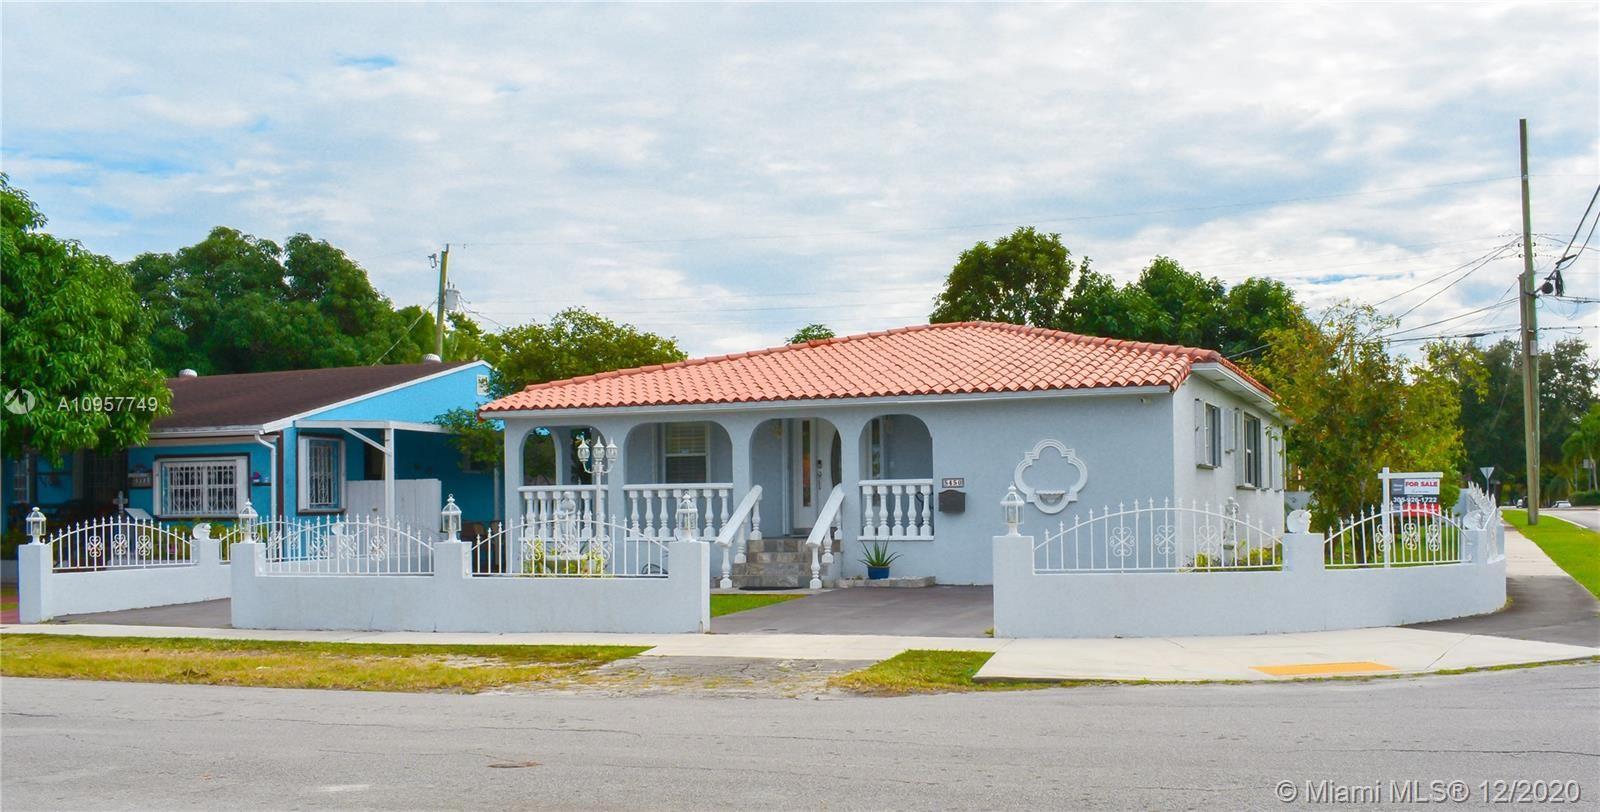 5450 SW 5th St, Miami, FL 33134 - #: A10957749